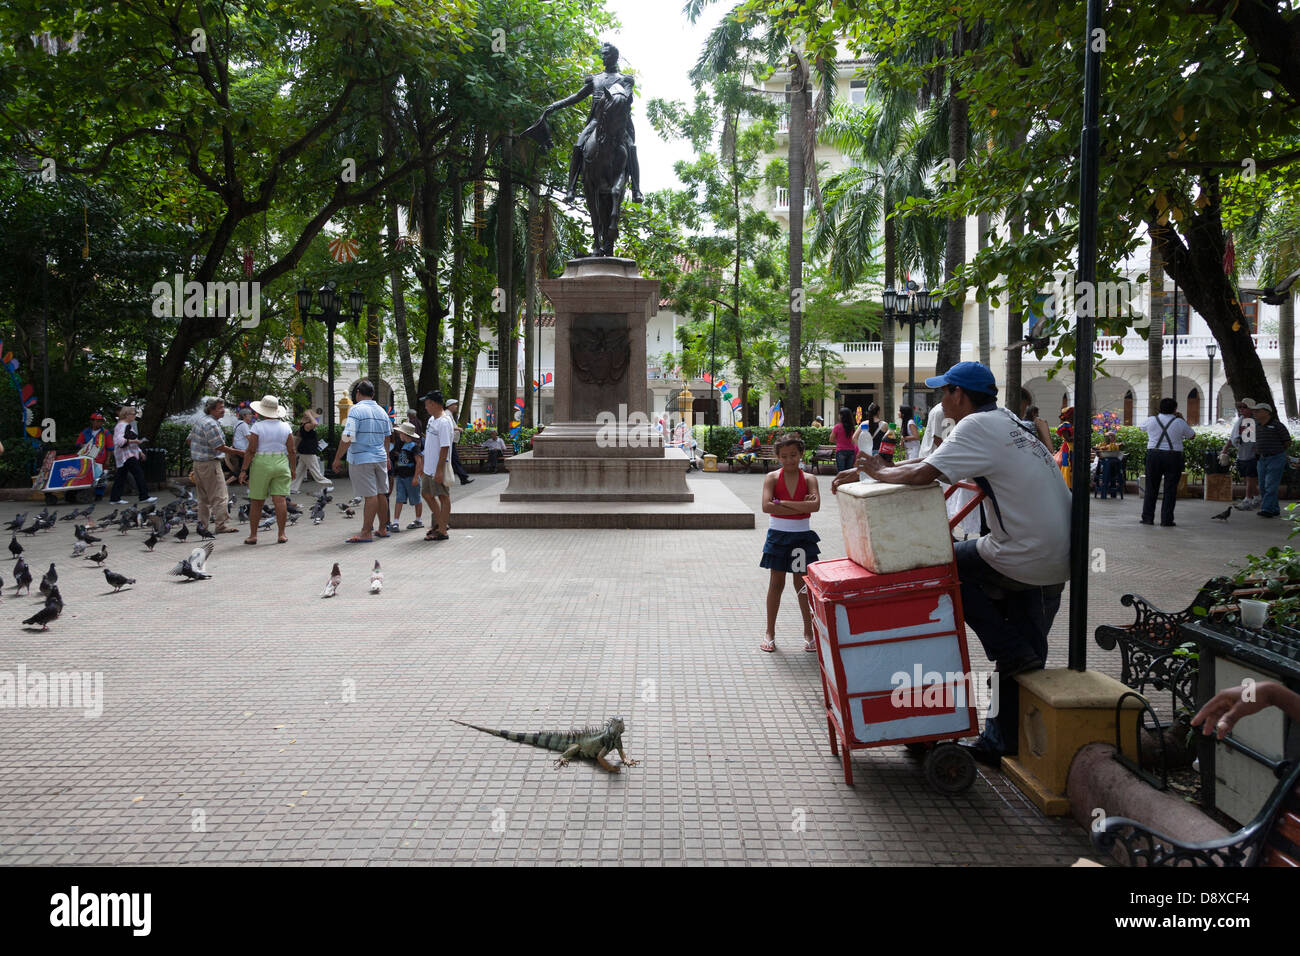 La Plaza de Bolívar, Cartagena de Indias, Colombia Imagen De Stock